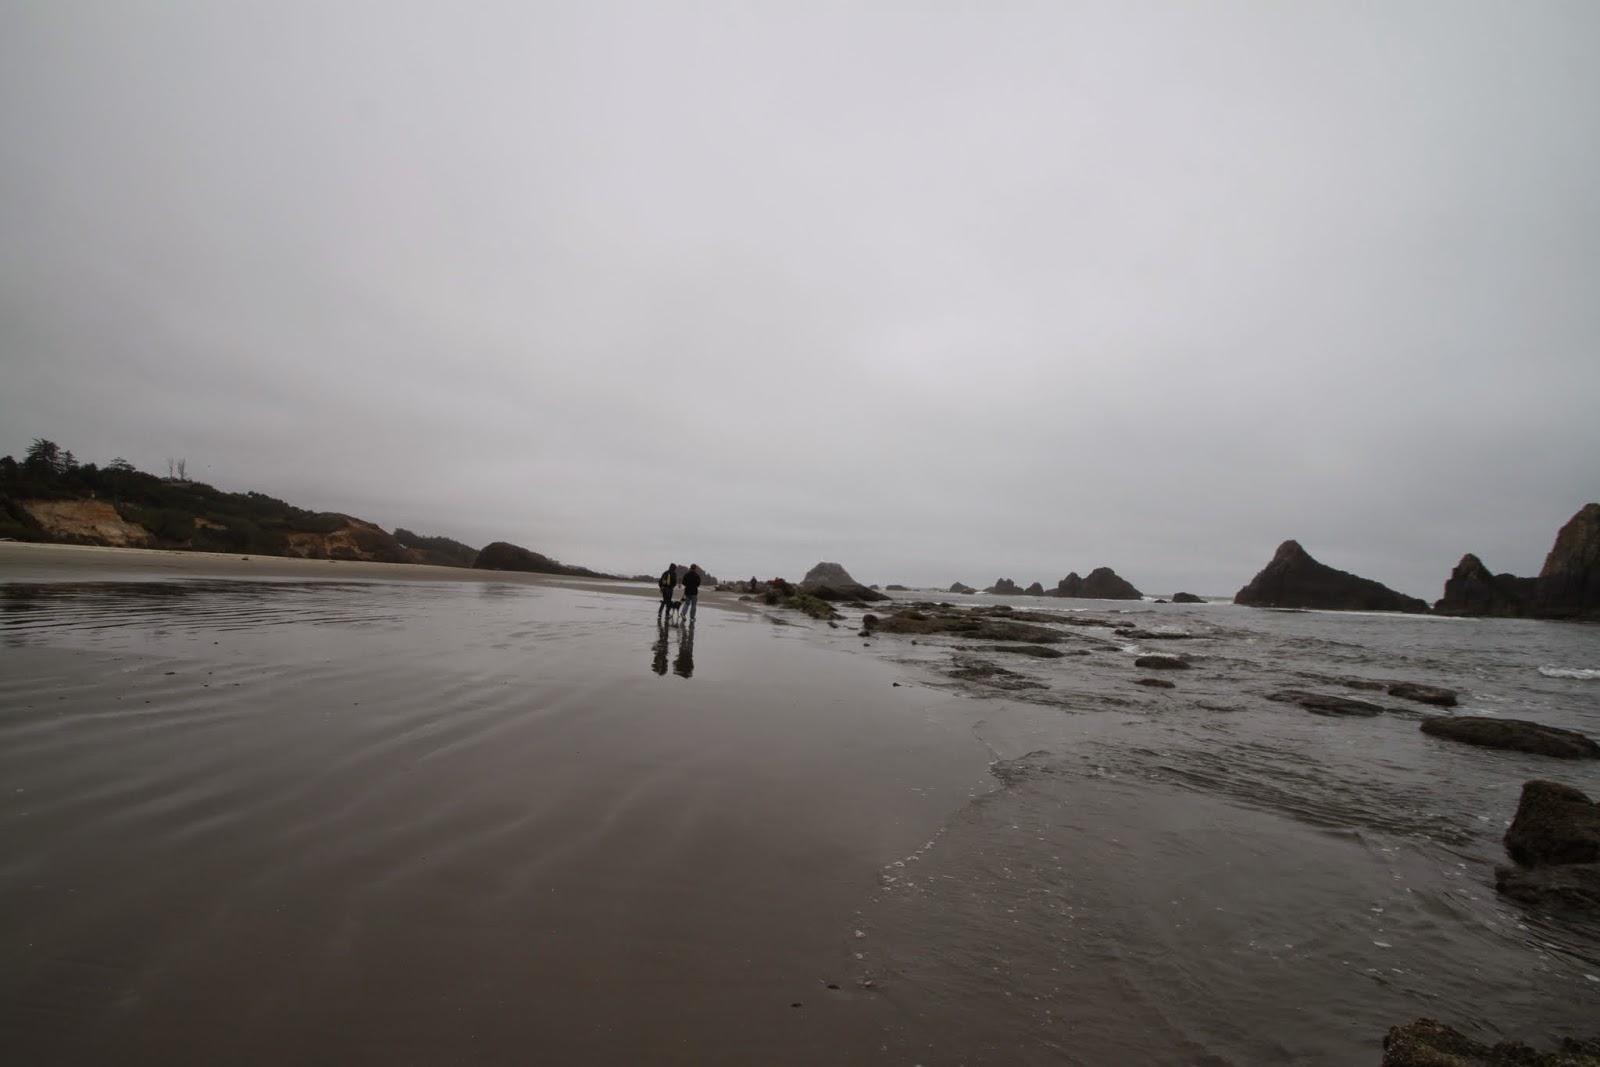 beach at Seal Rock